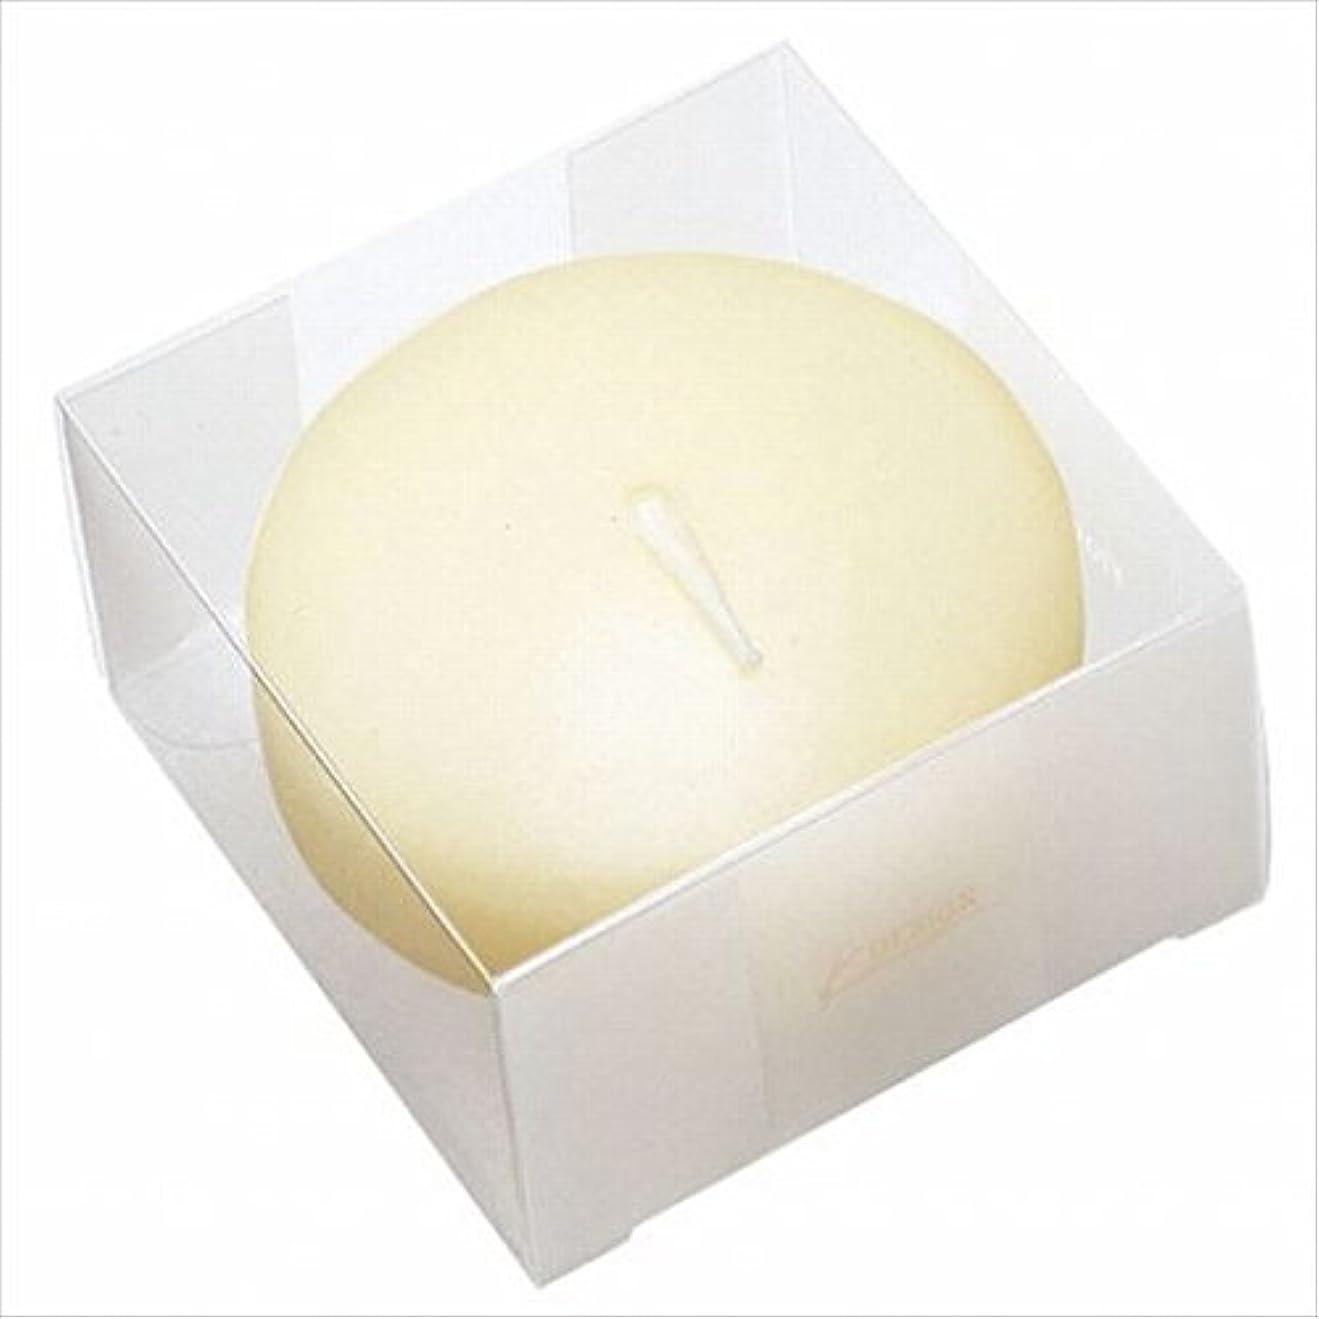 アカウント基準休みカメヤマキャンドル( kameyama candle ) プール80 (箱入り) 「 アイボリー 」 キャンドル